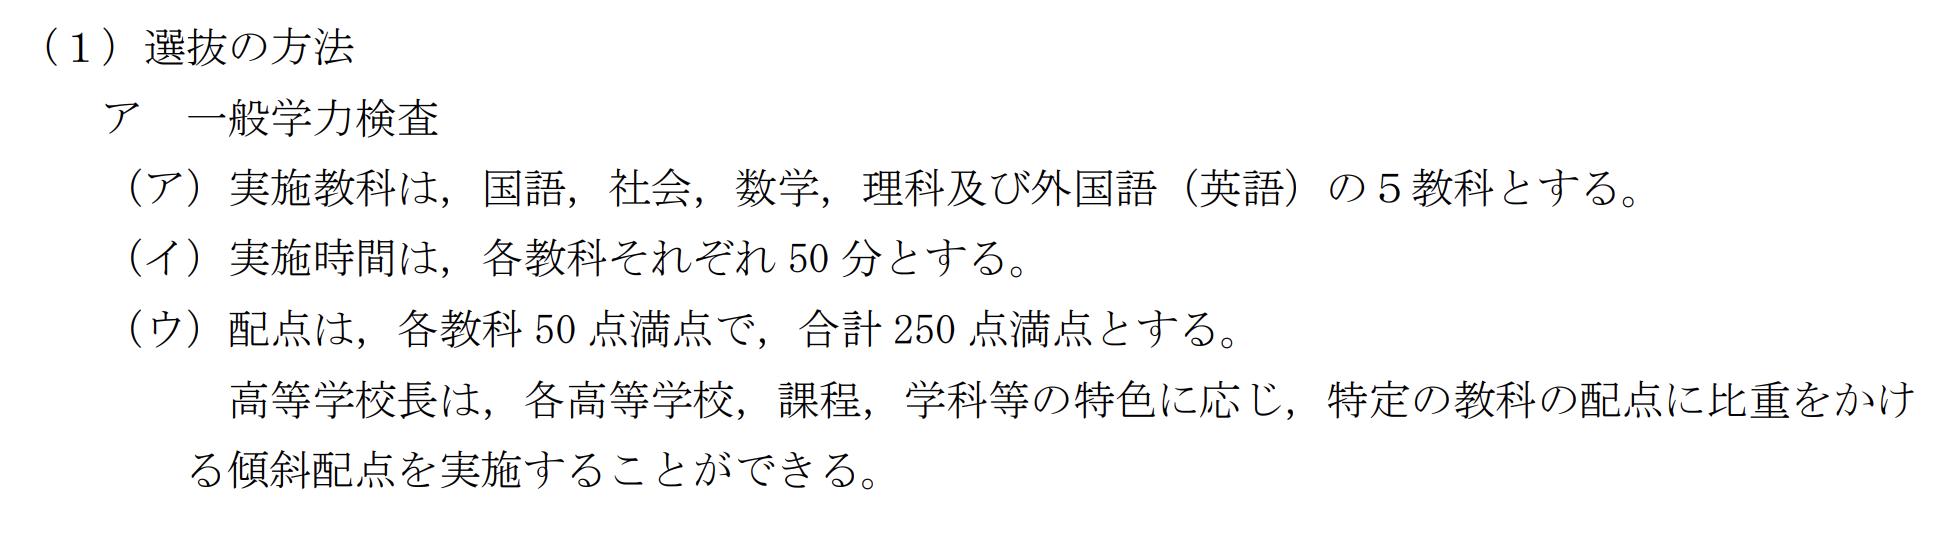 広島県公立高校入試制度1